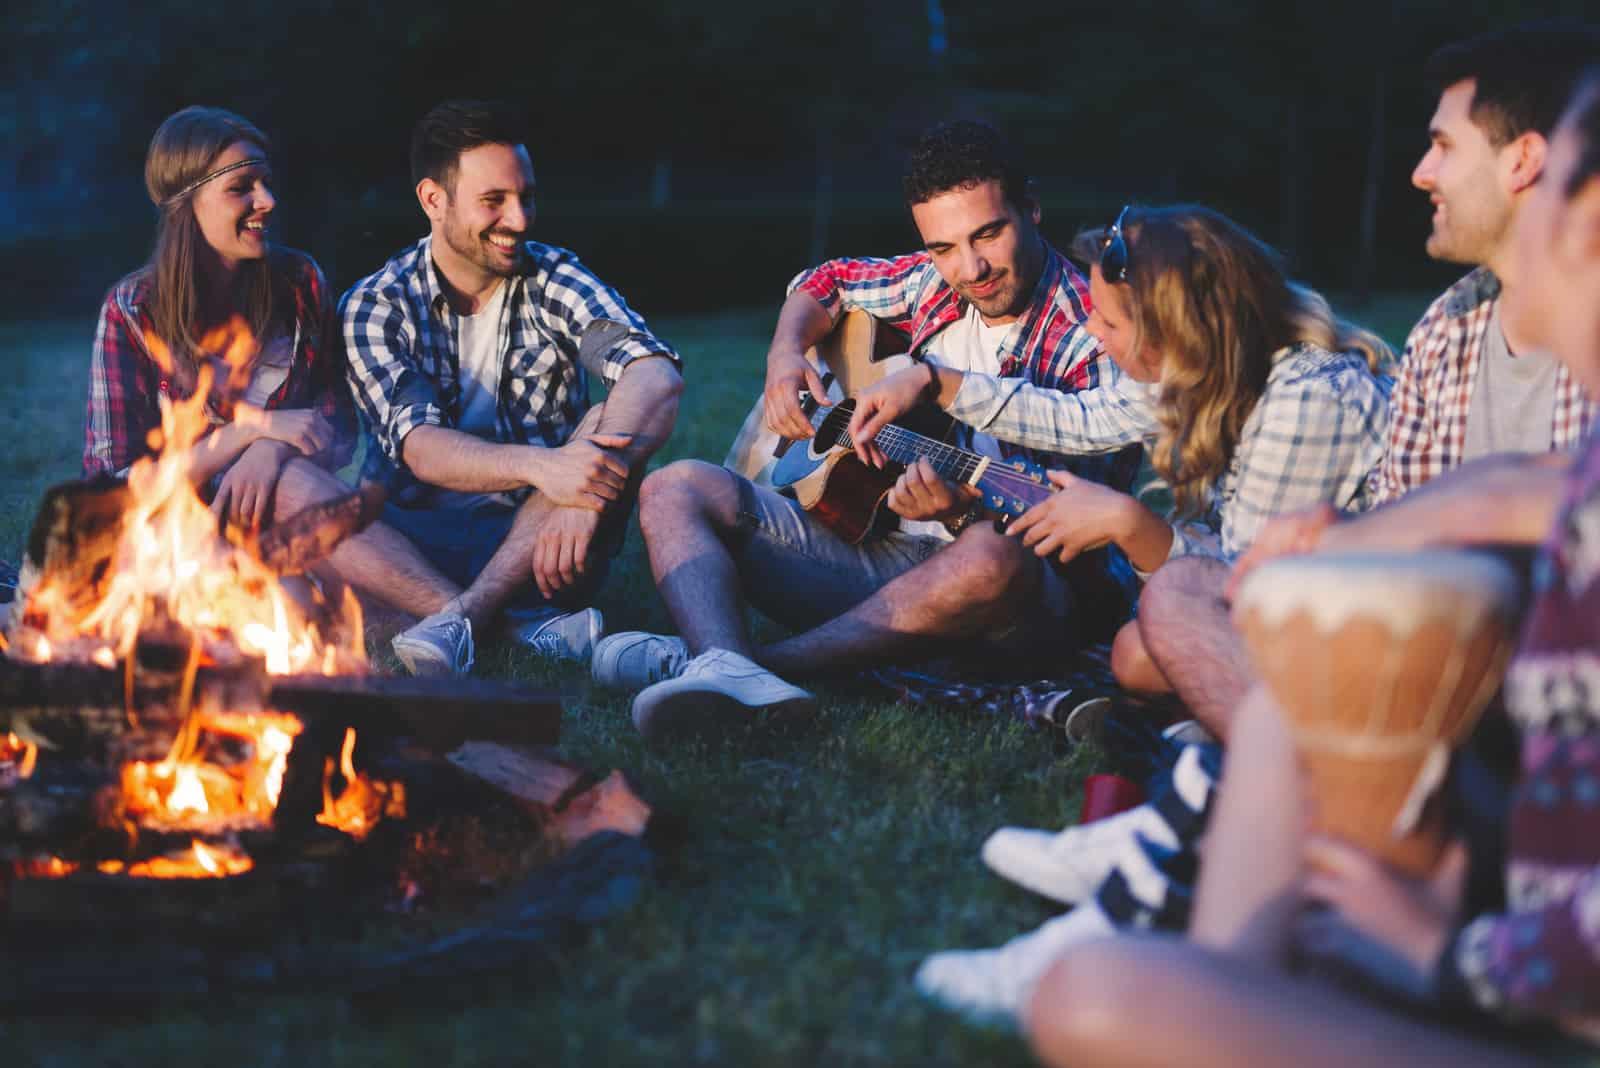 amis jouant de la musique et profitant d'un feu de joie dans la nature